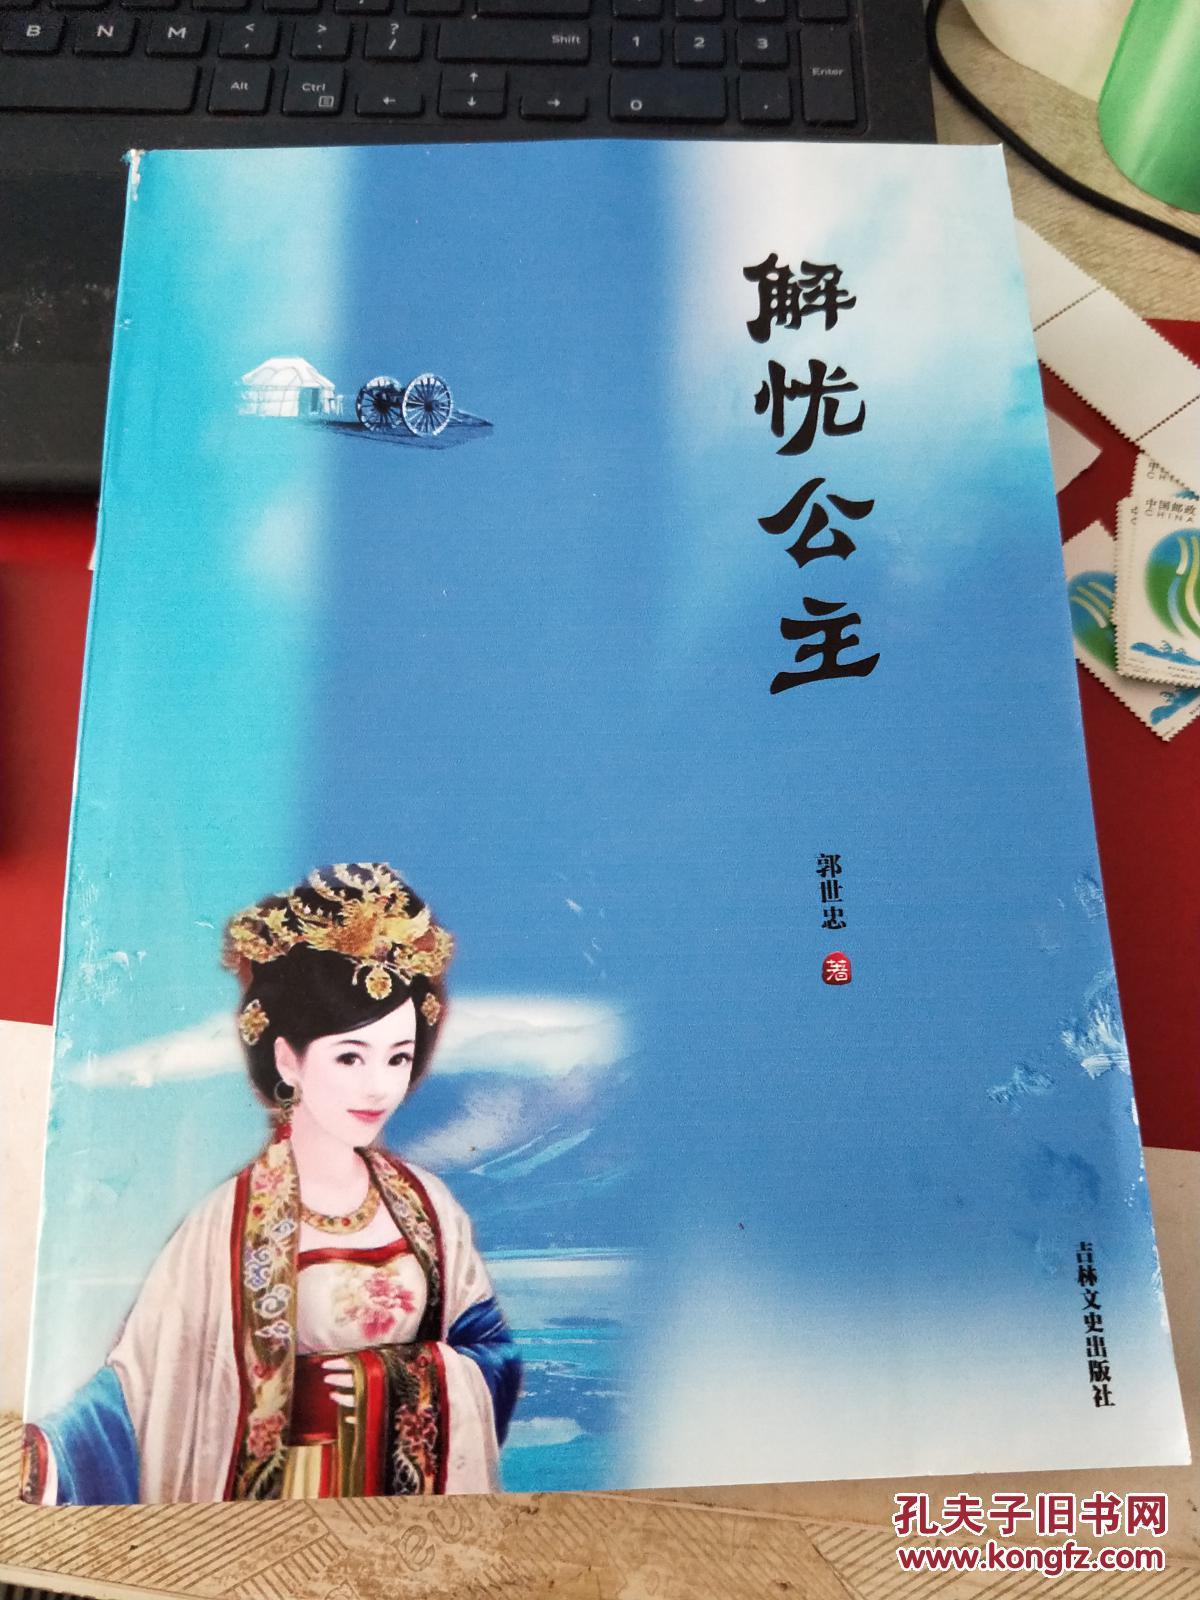 00 包邮 加入购物车 收藏 作者: 郭世忠 出版社: 吉林文史出版社 出版